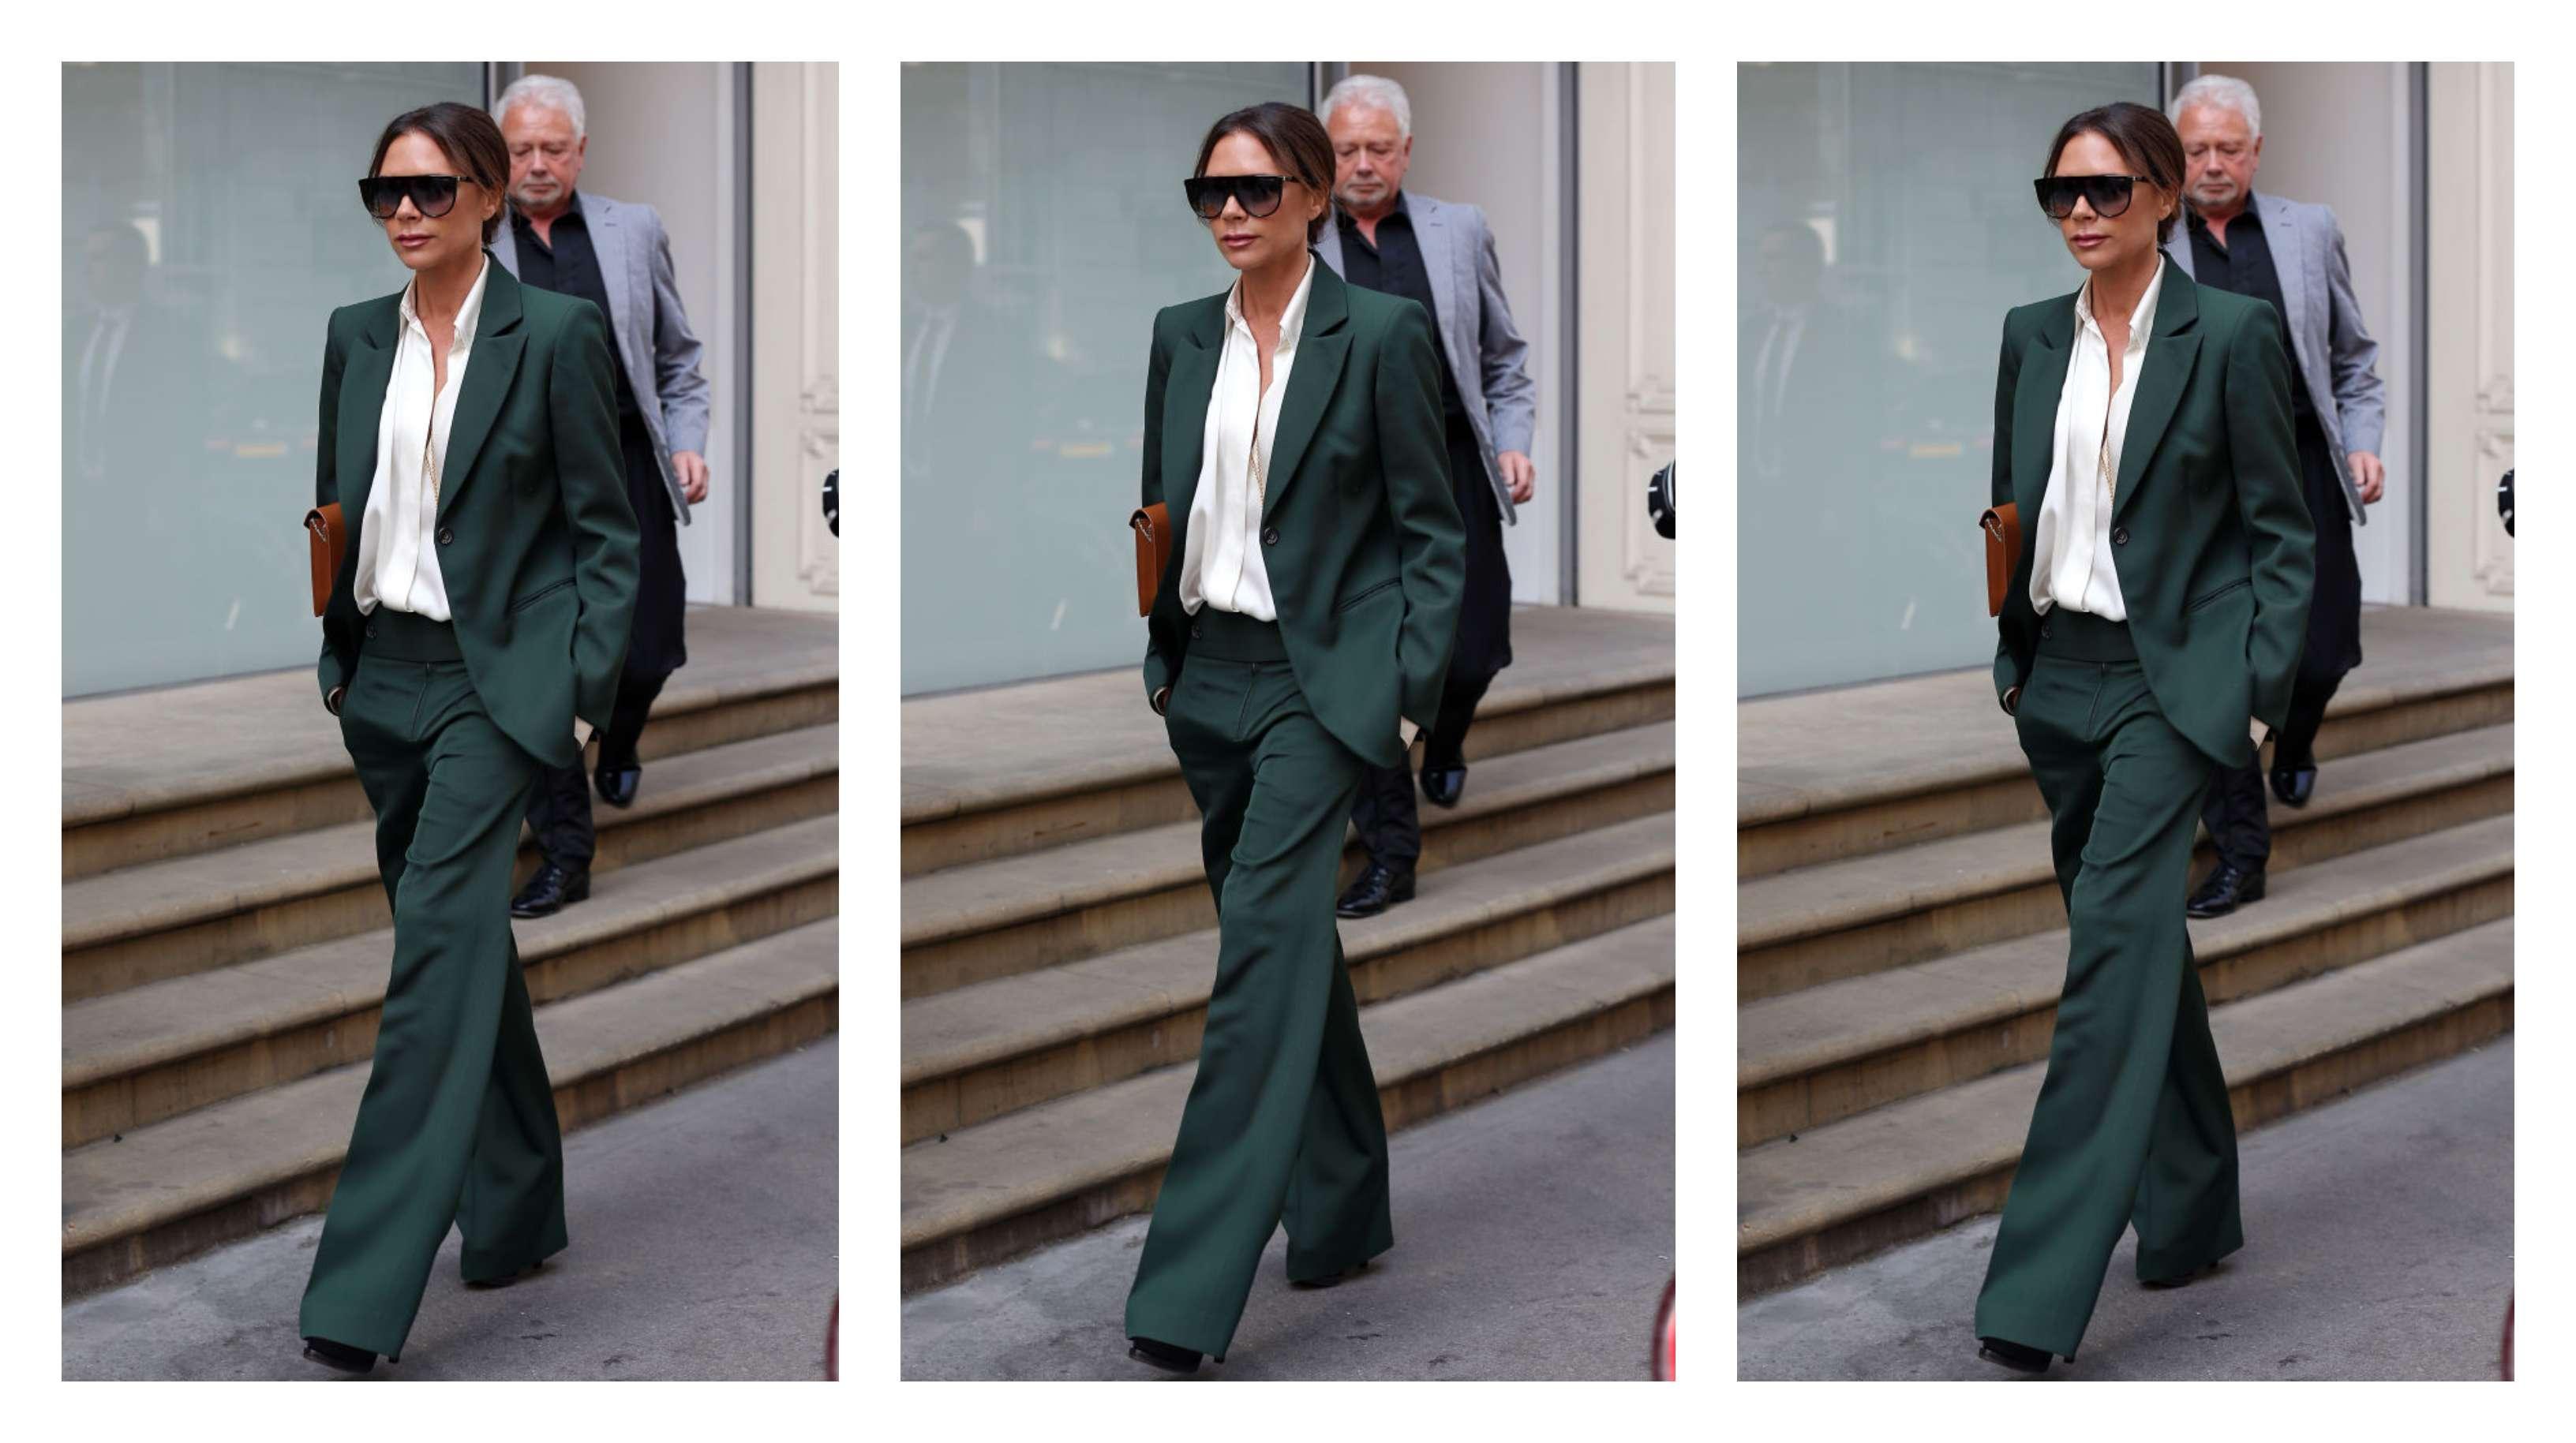 Звездный стиль: business casual от Виктории Бекхэм-Фото 1